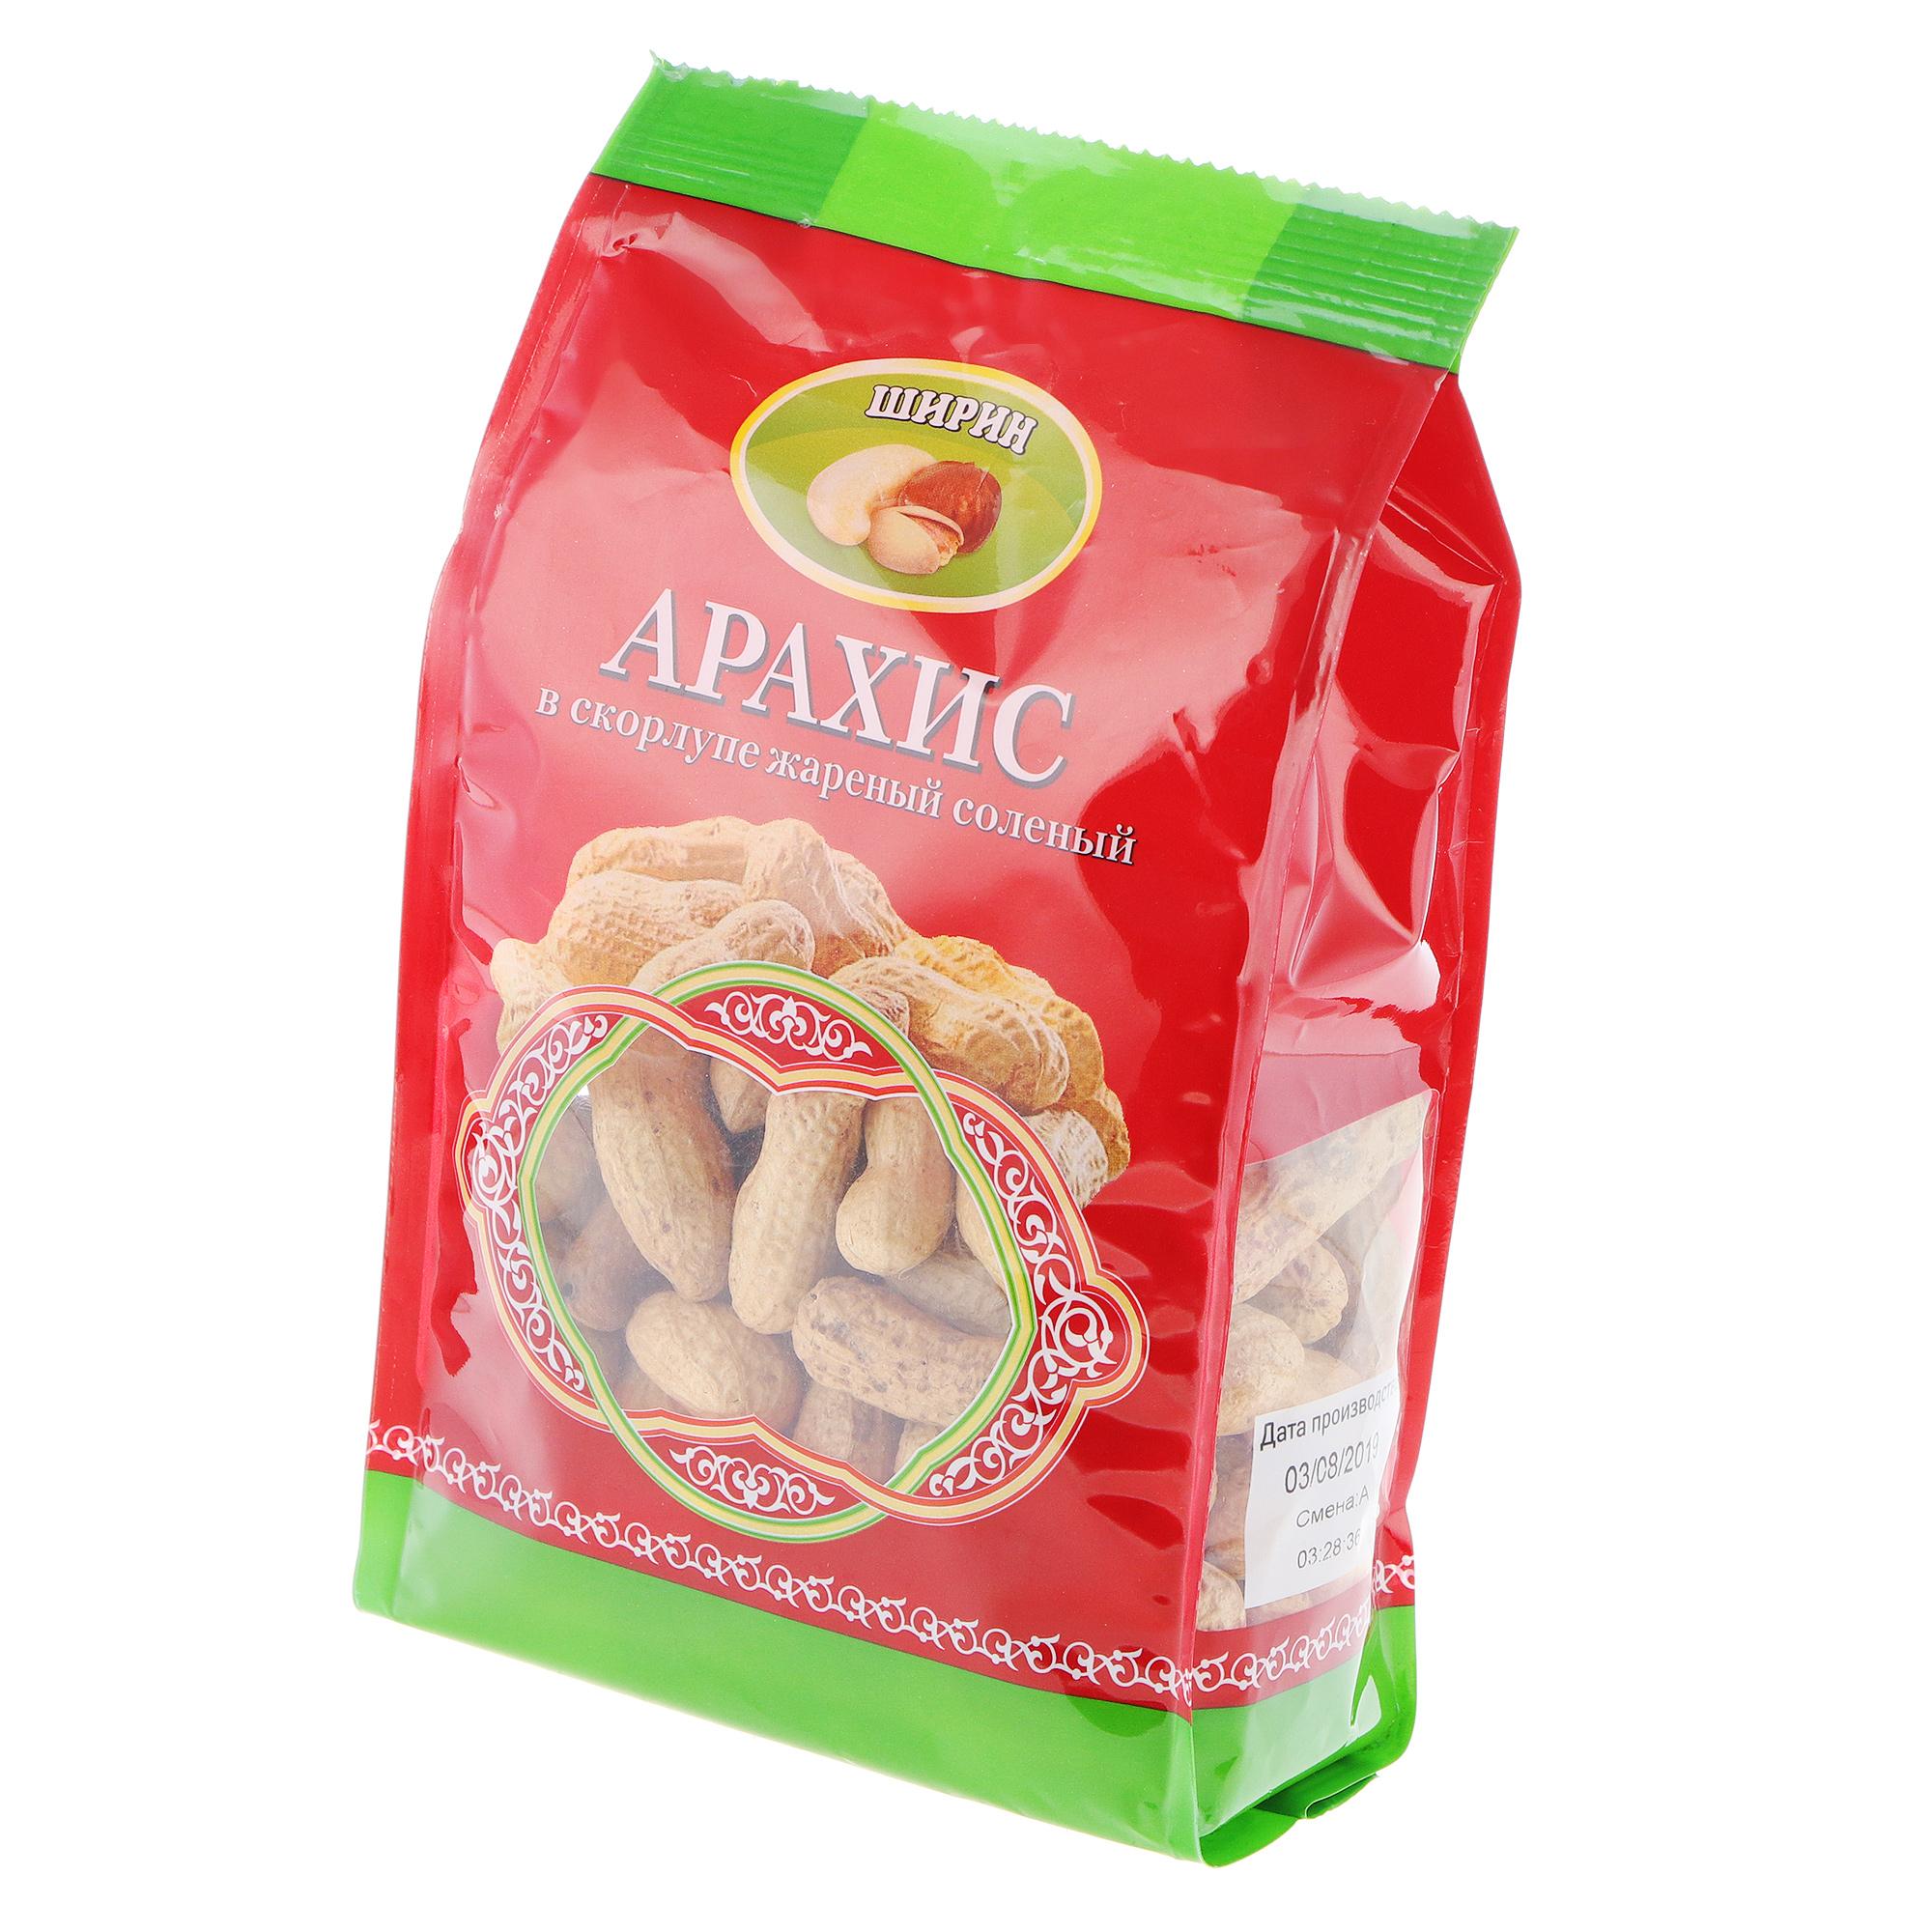 Арахис жареный Ширин соленый в скорлупе 150 г недорого